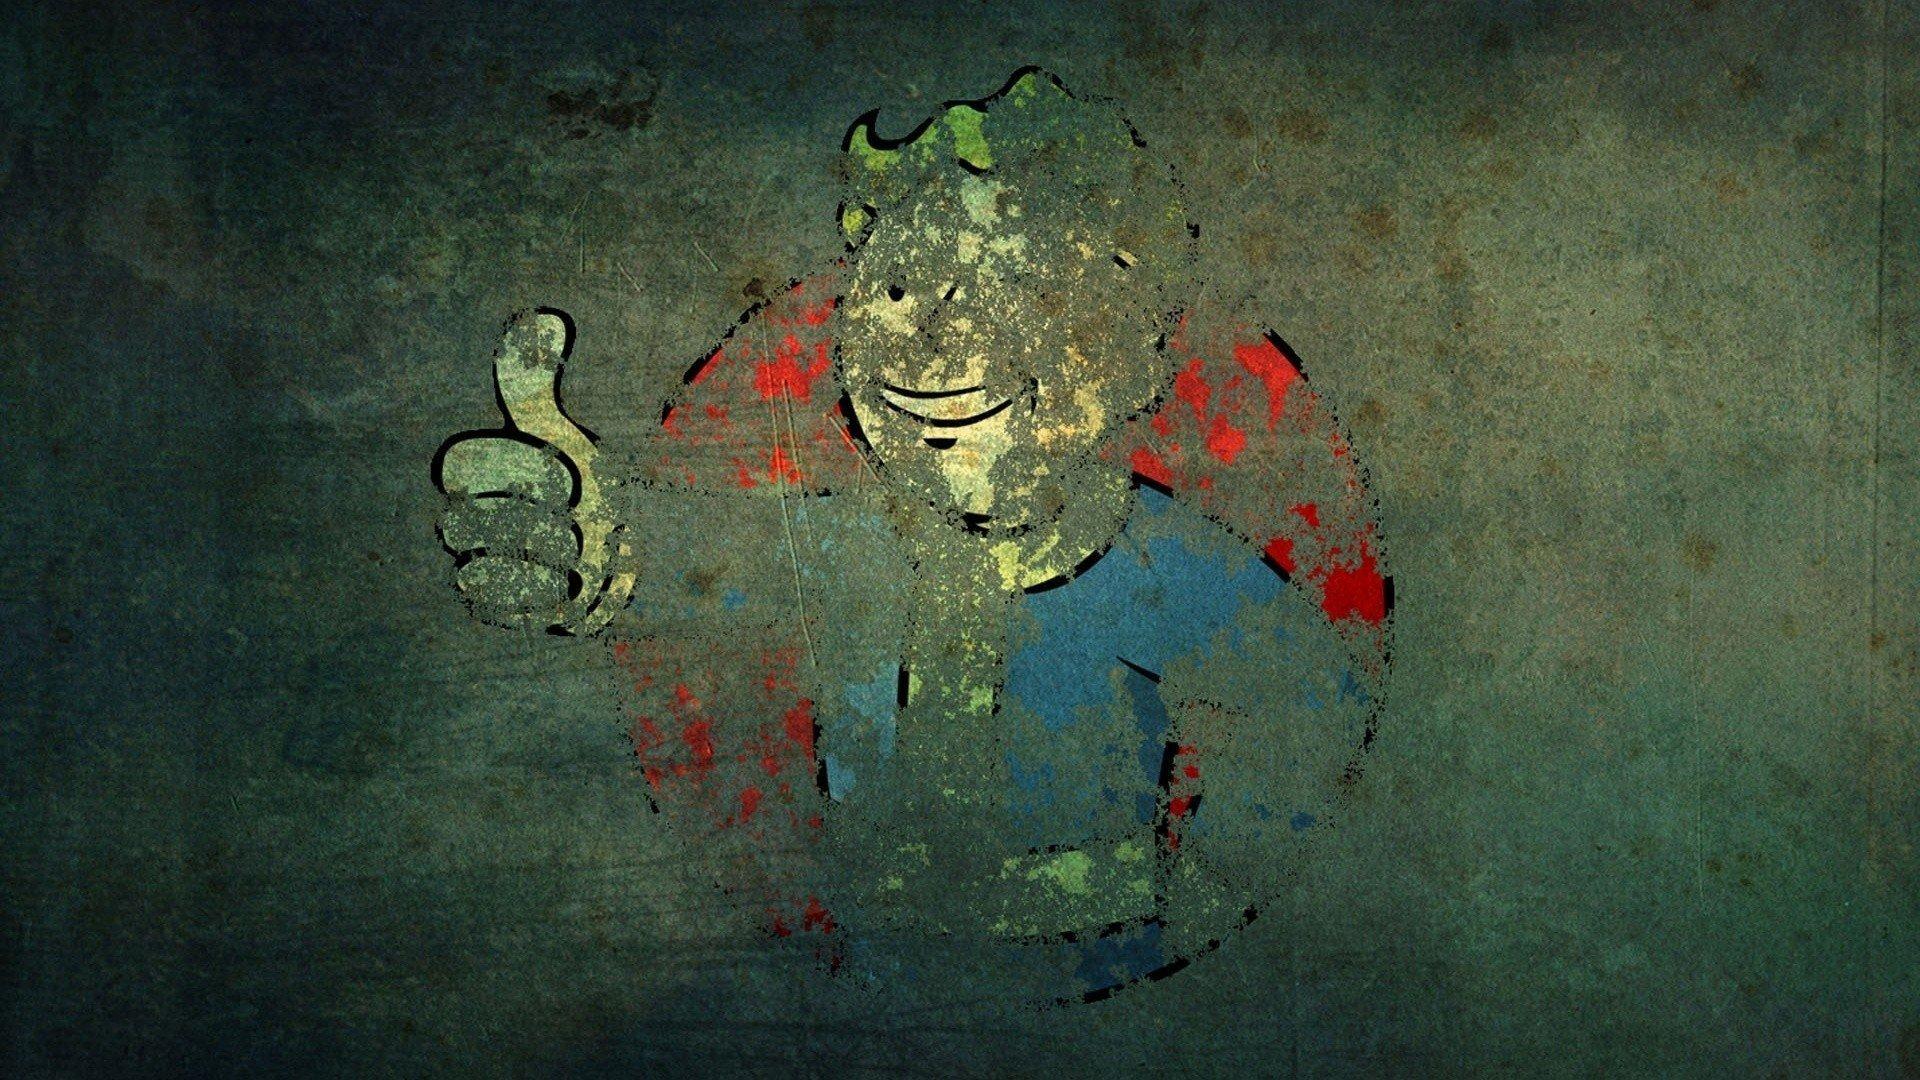 wallpaper.wiki-Video-Game-Fallout-Pip-Boy-1920×1080-